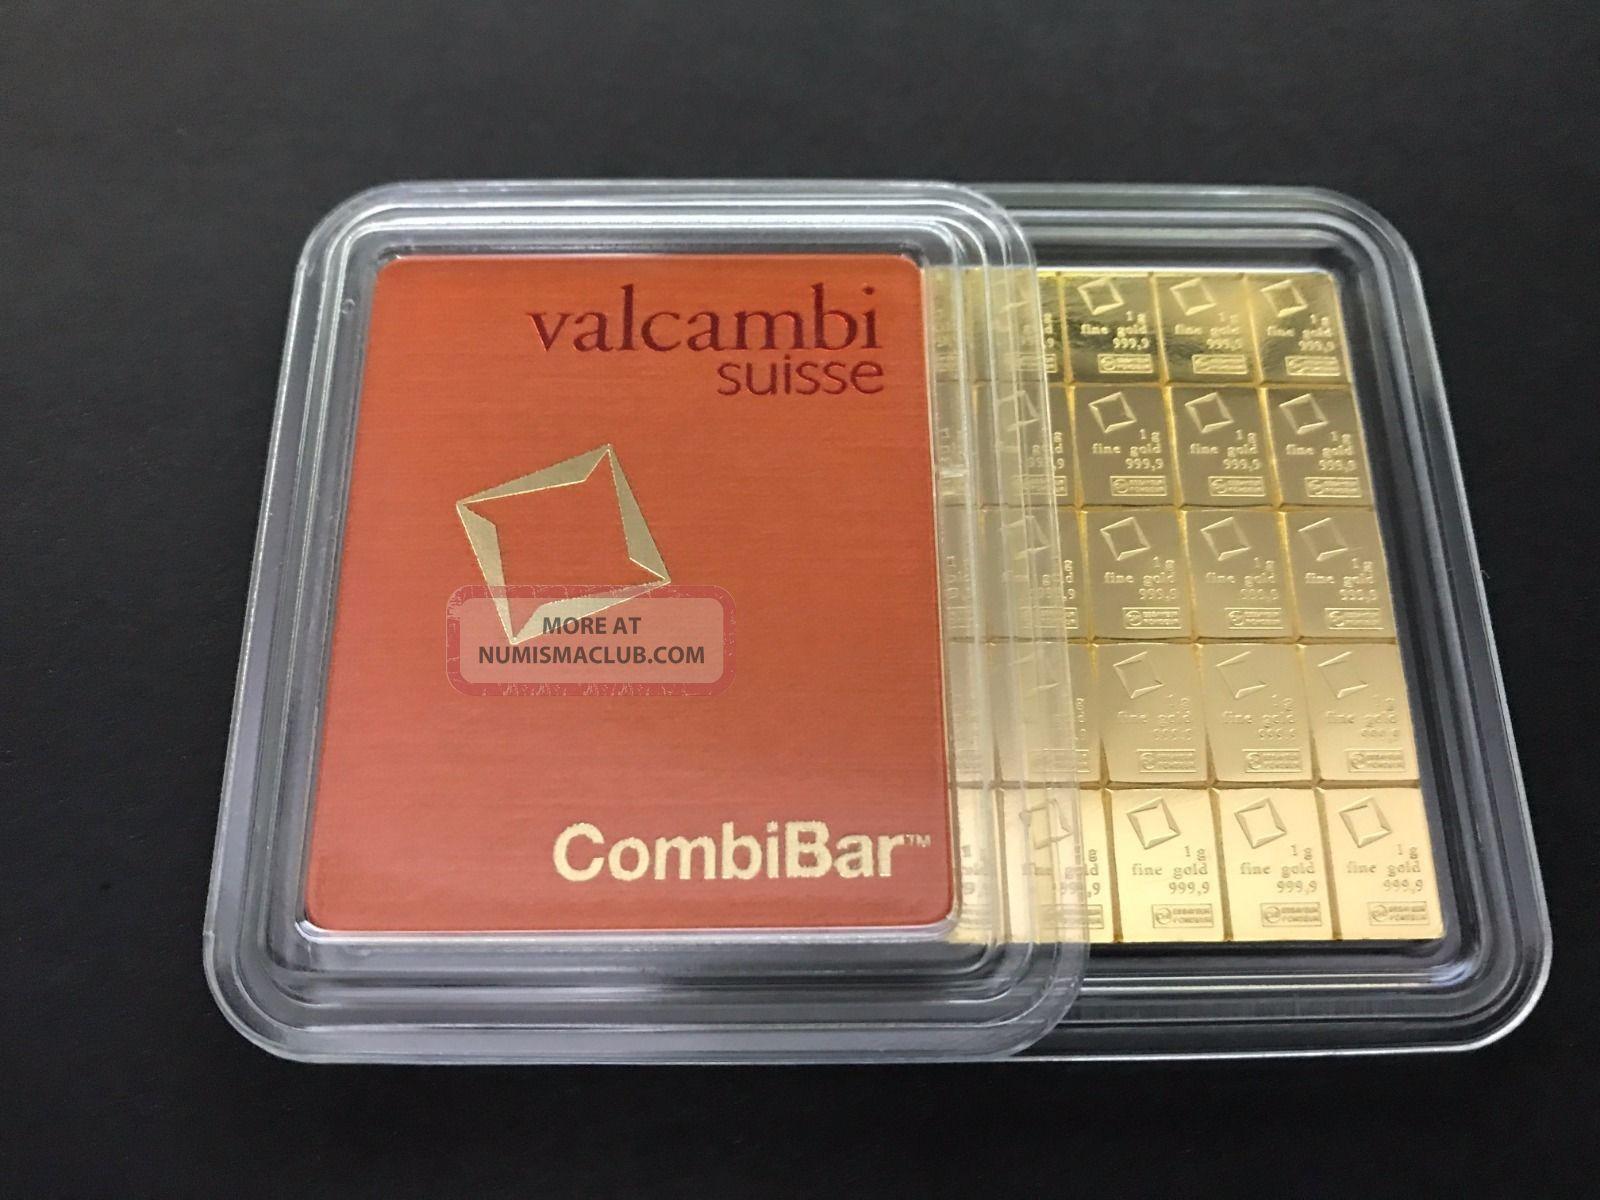 1 Gram Valcambi Suisse 9999 Fine Gold Bar Gold Cert